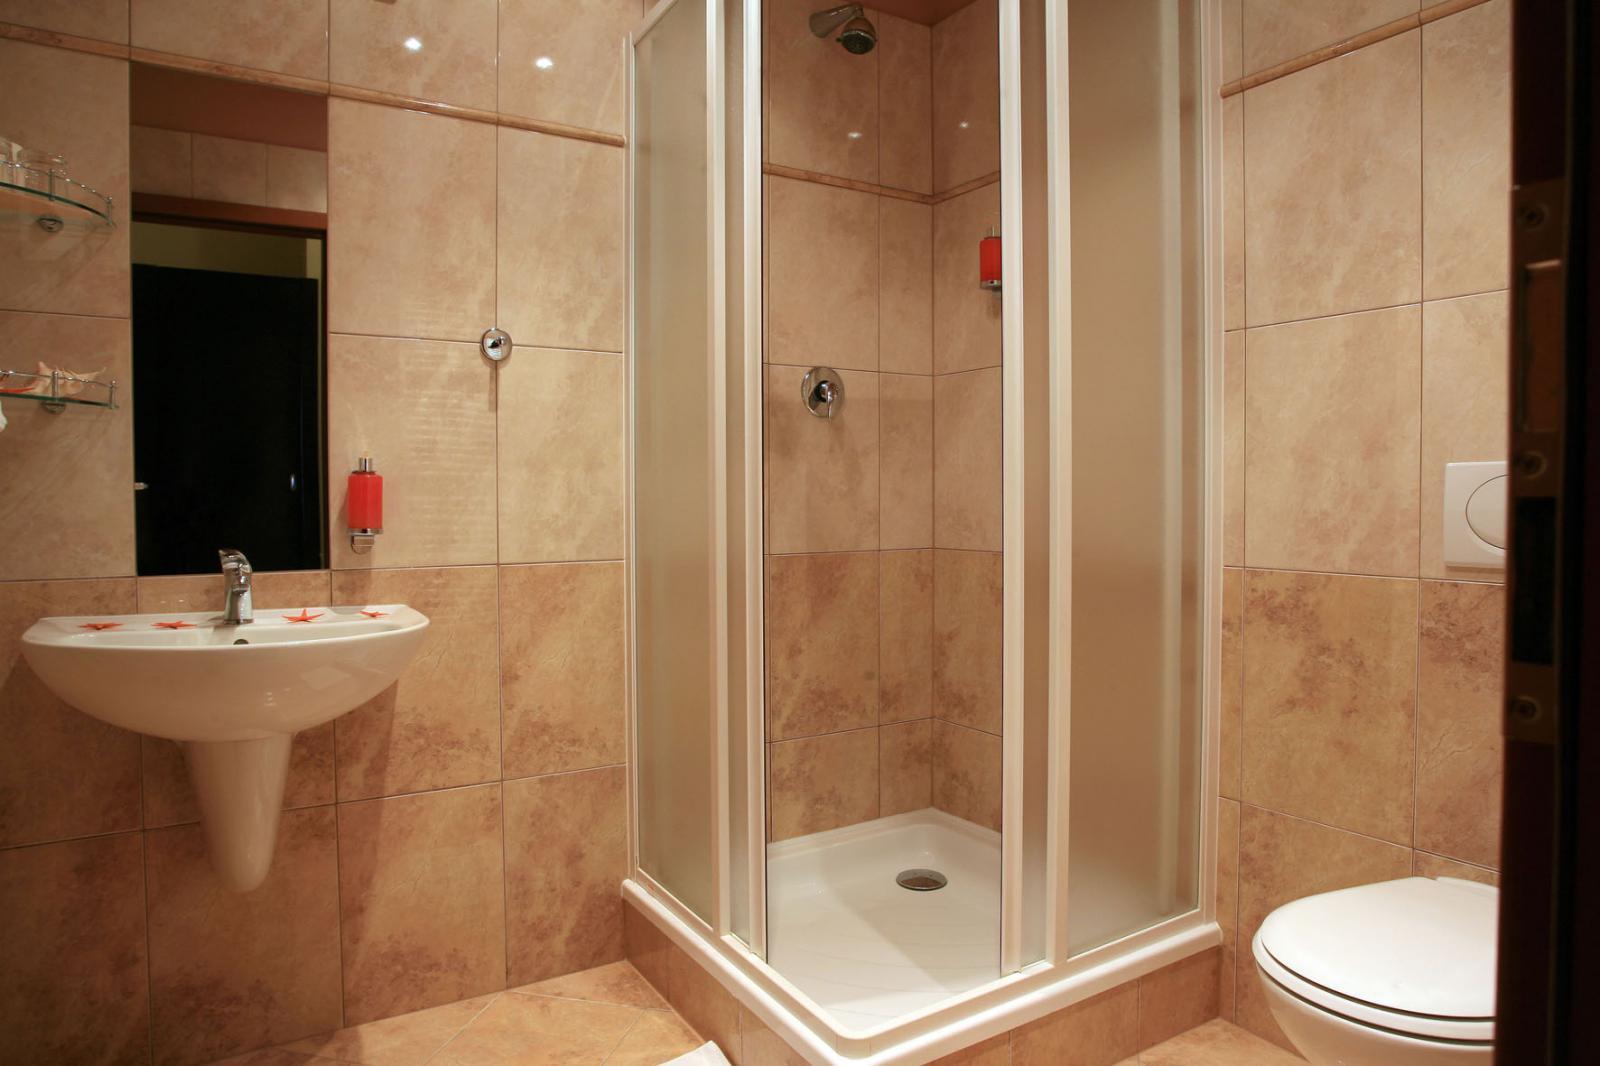 Дизайн ванной комнаты вместе с душевой кабиной